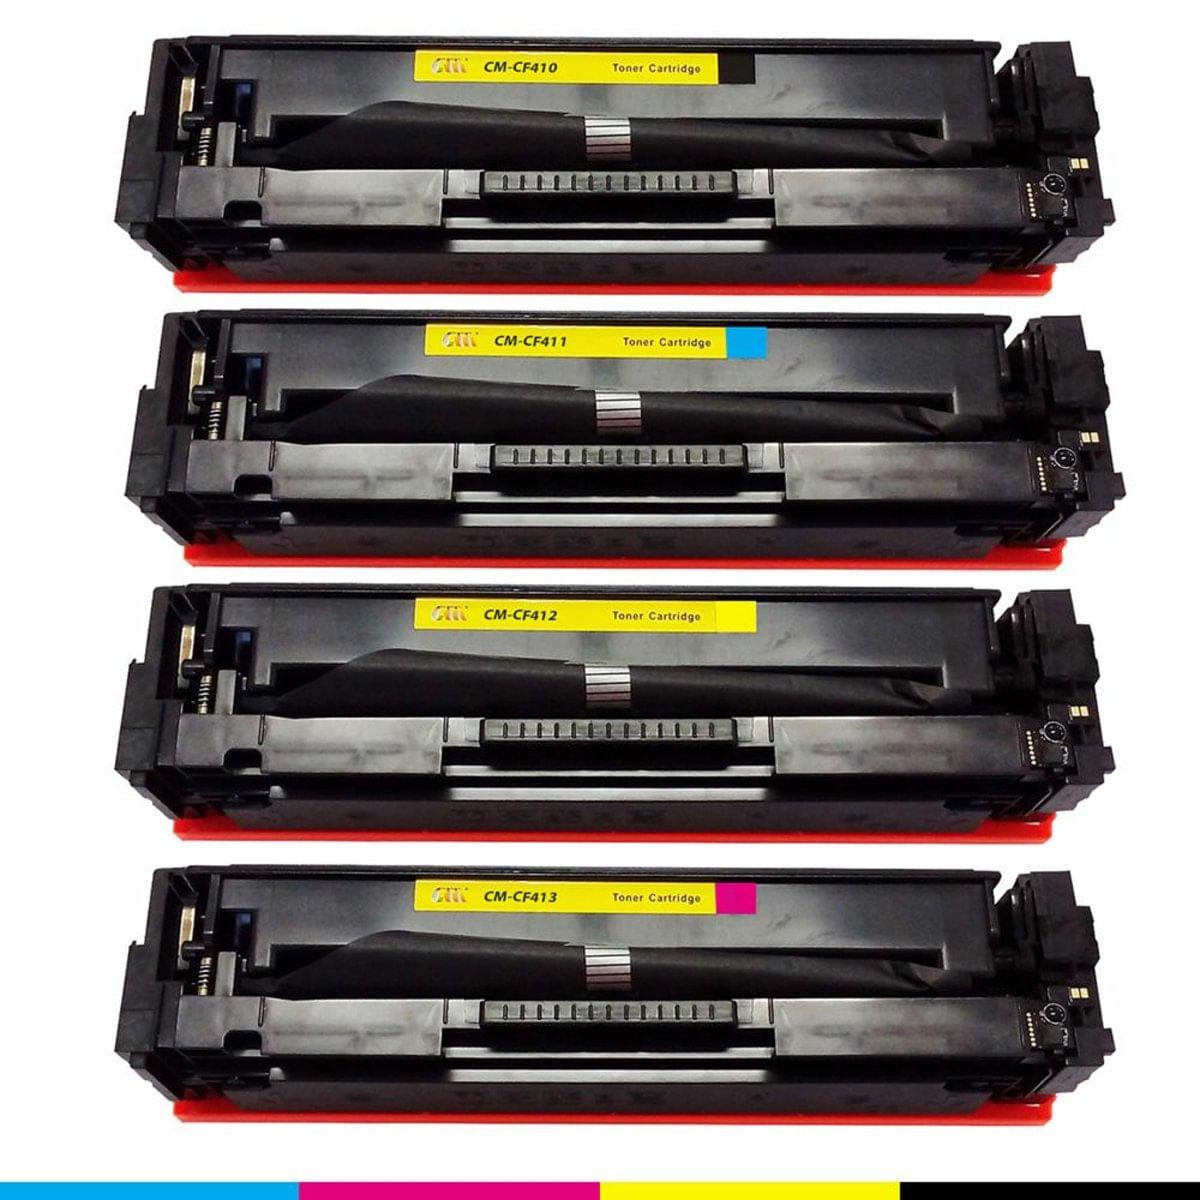 Kit Toner compatível HP CF410 CF411 CF412 CF413 410a Color M452 M477